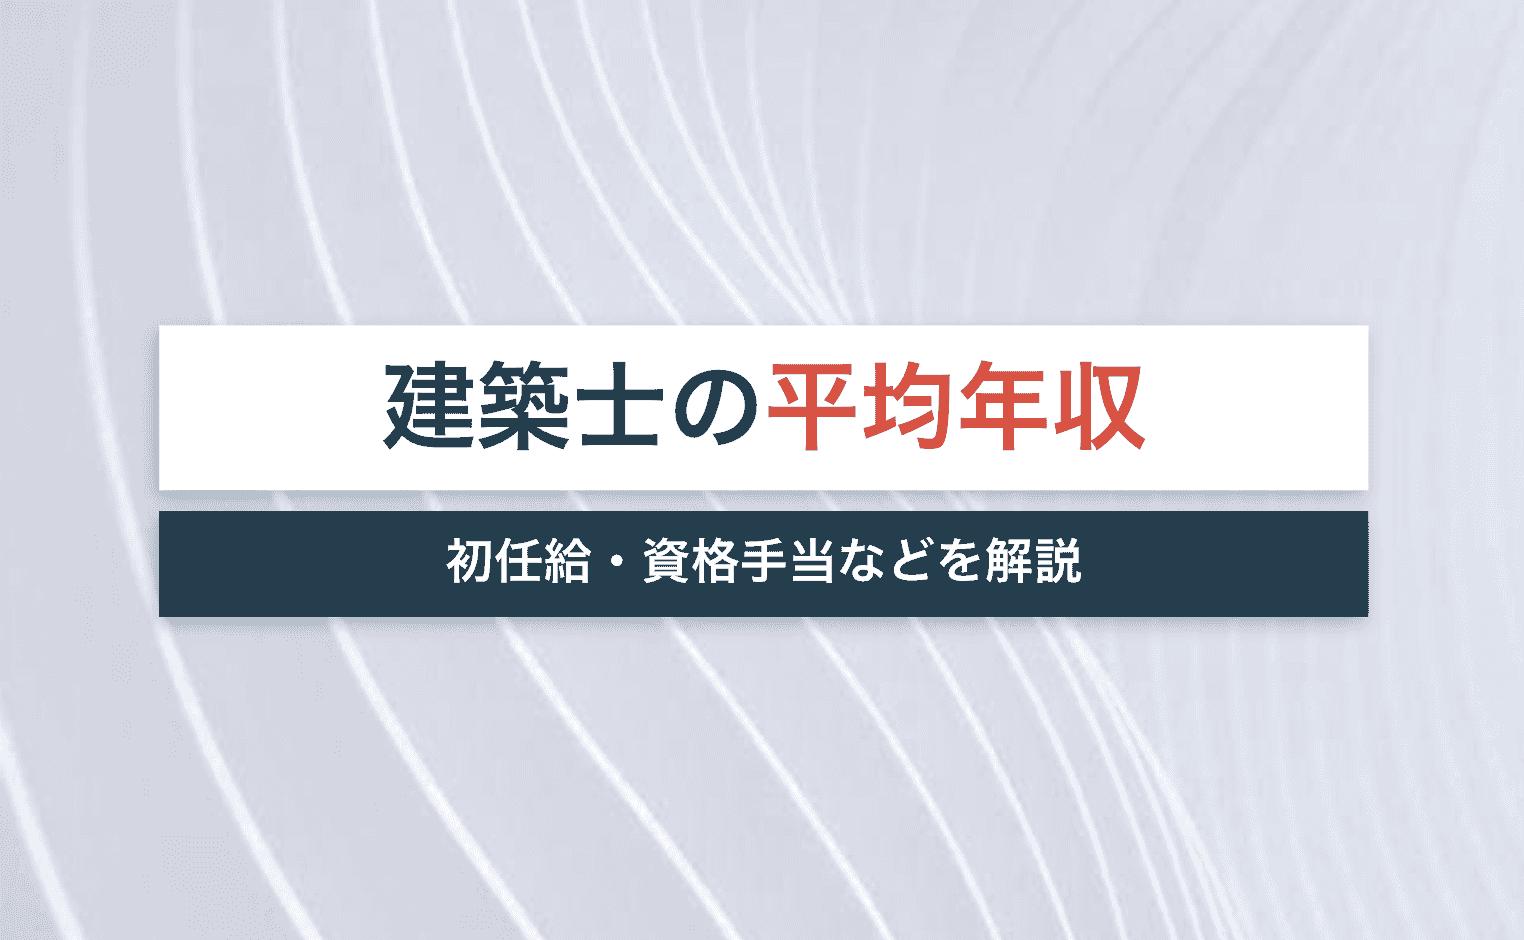 建築士の平均年収は?初任給・資格手当・1000万円稼げるかも解説!